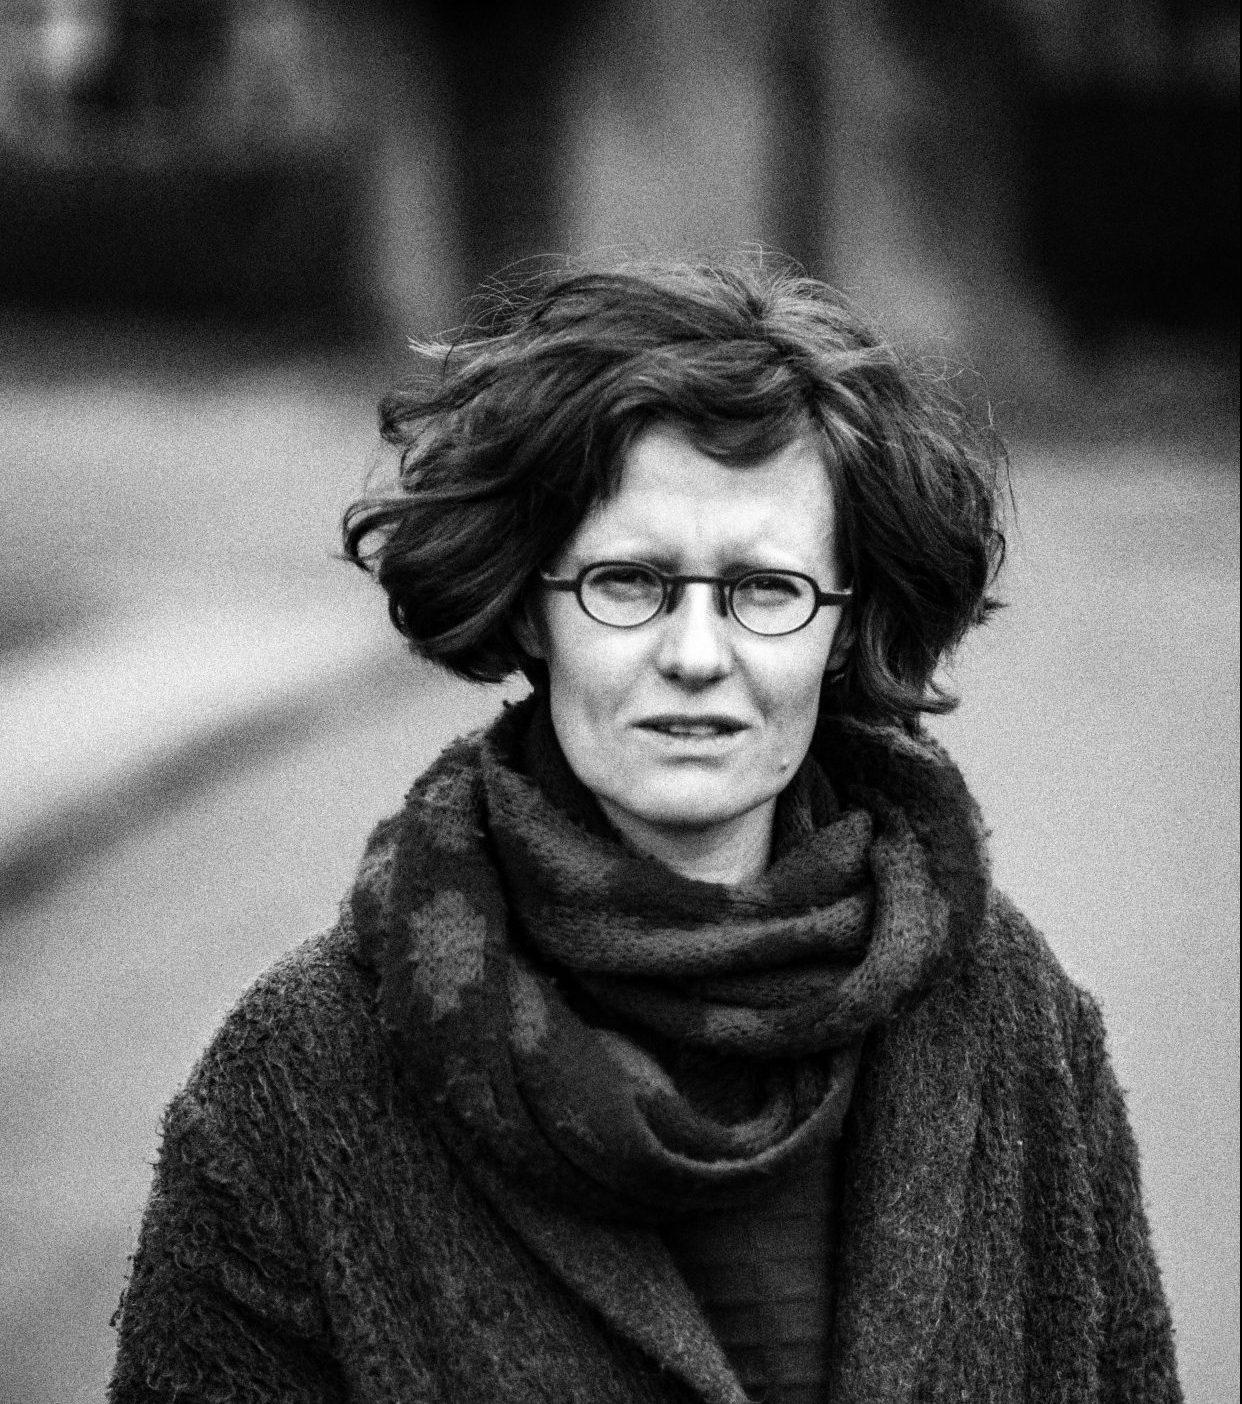 Stefanie De Jonghe